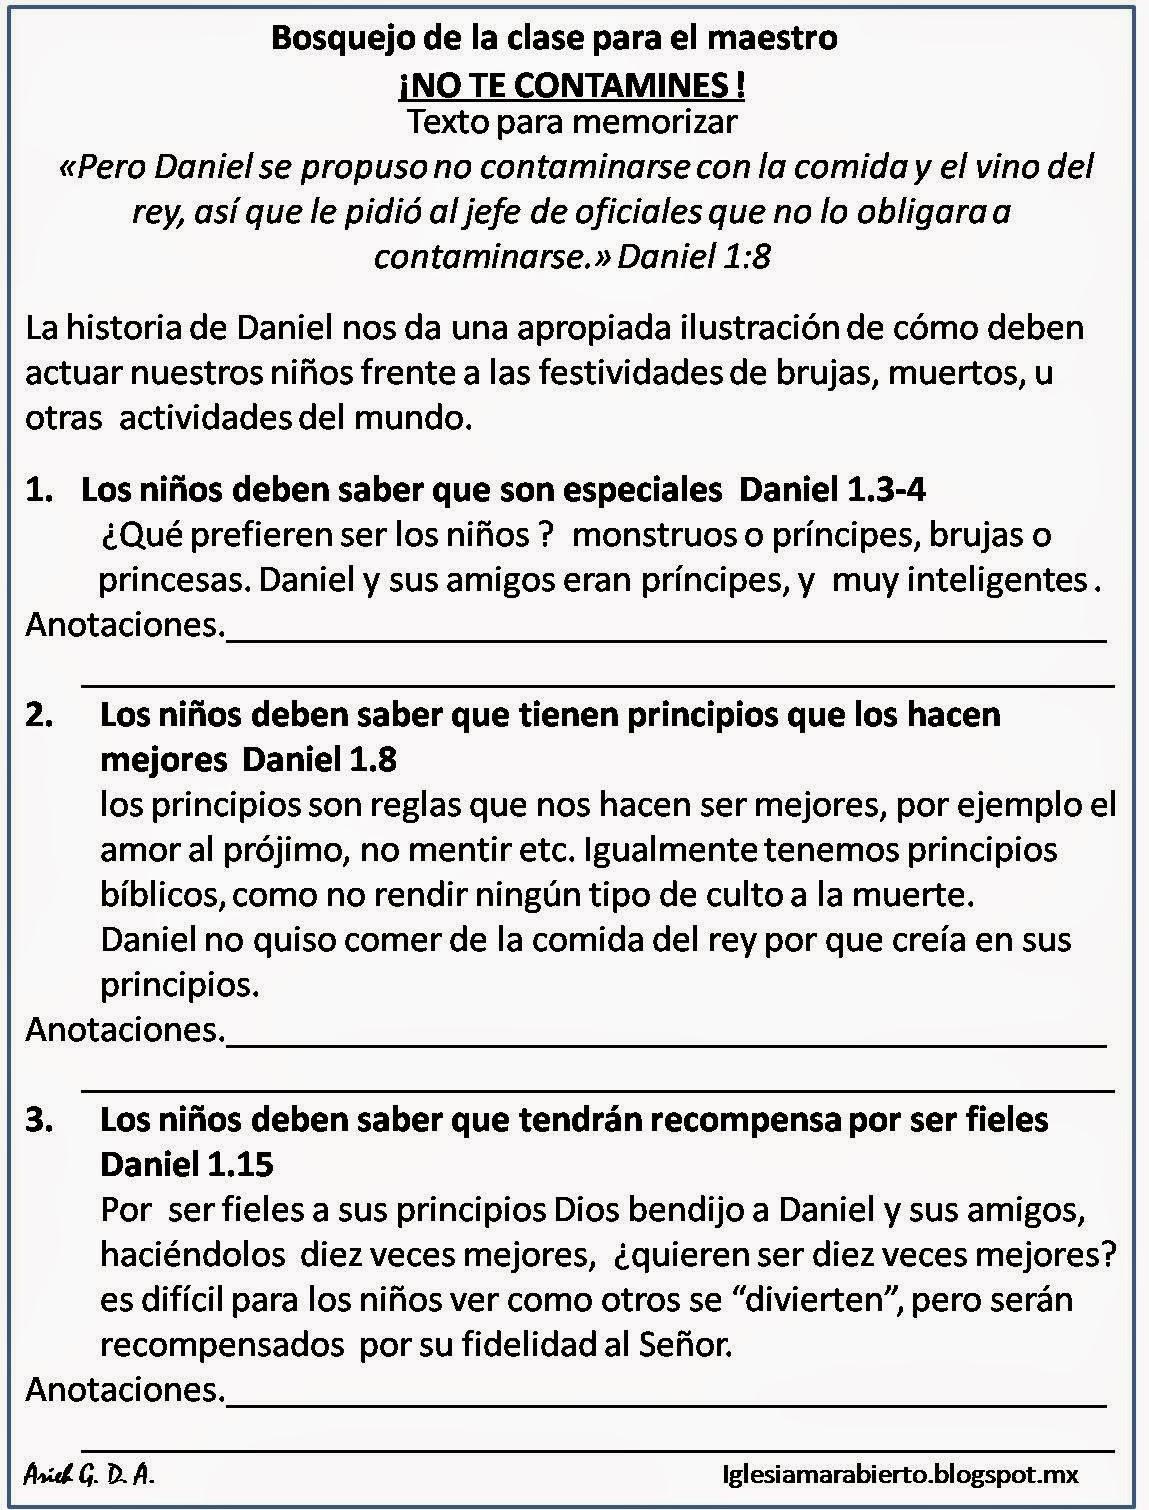 IGLESIA MAR ABIERTO: Clase para niños cristianos ¡NO TE CONTAMINES!